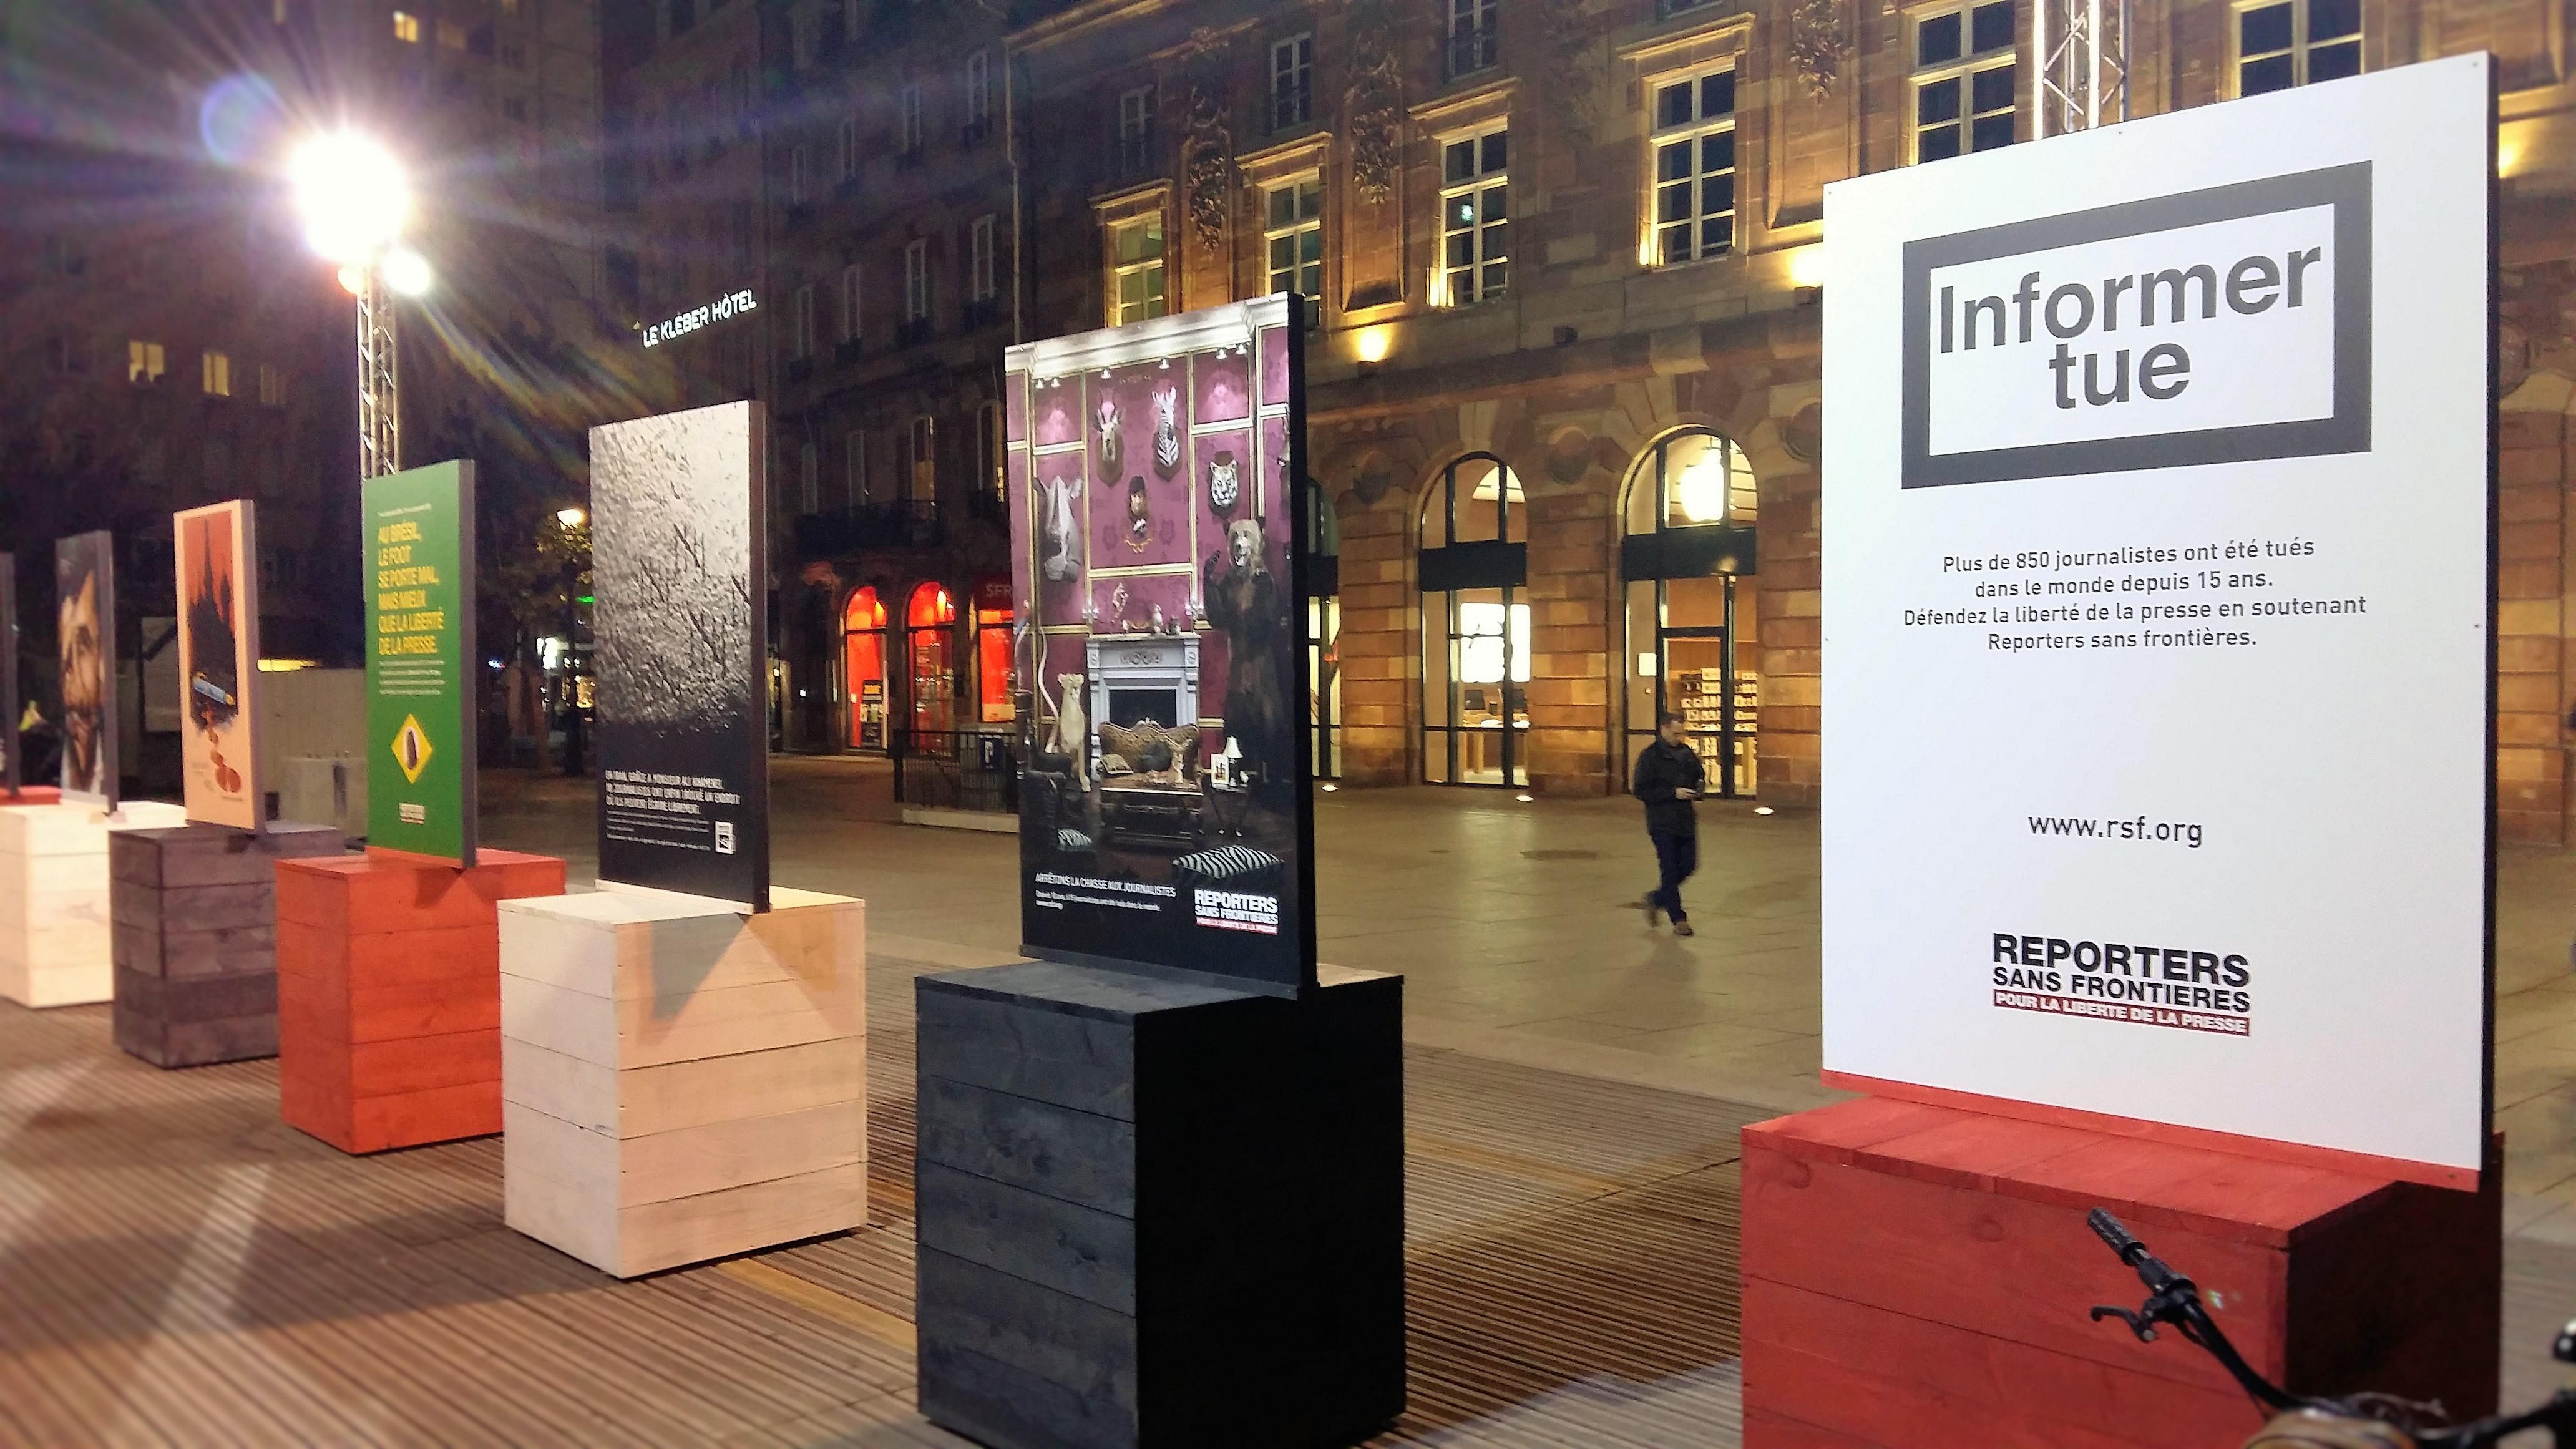 Exposition place Kleber à Strasbourg d'affiches RSF - Crédit Jean-Baptiste Roncari